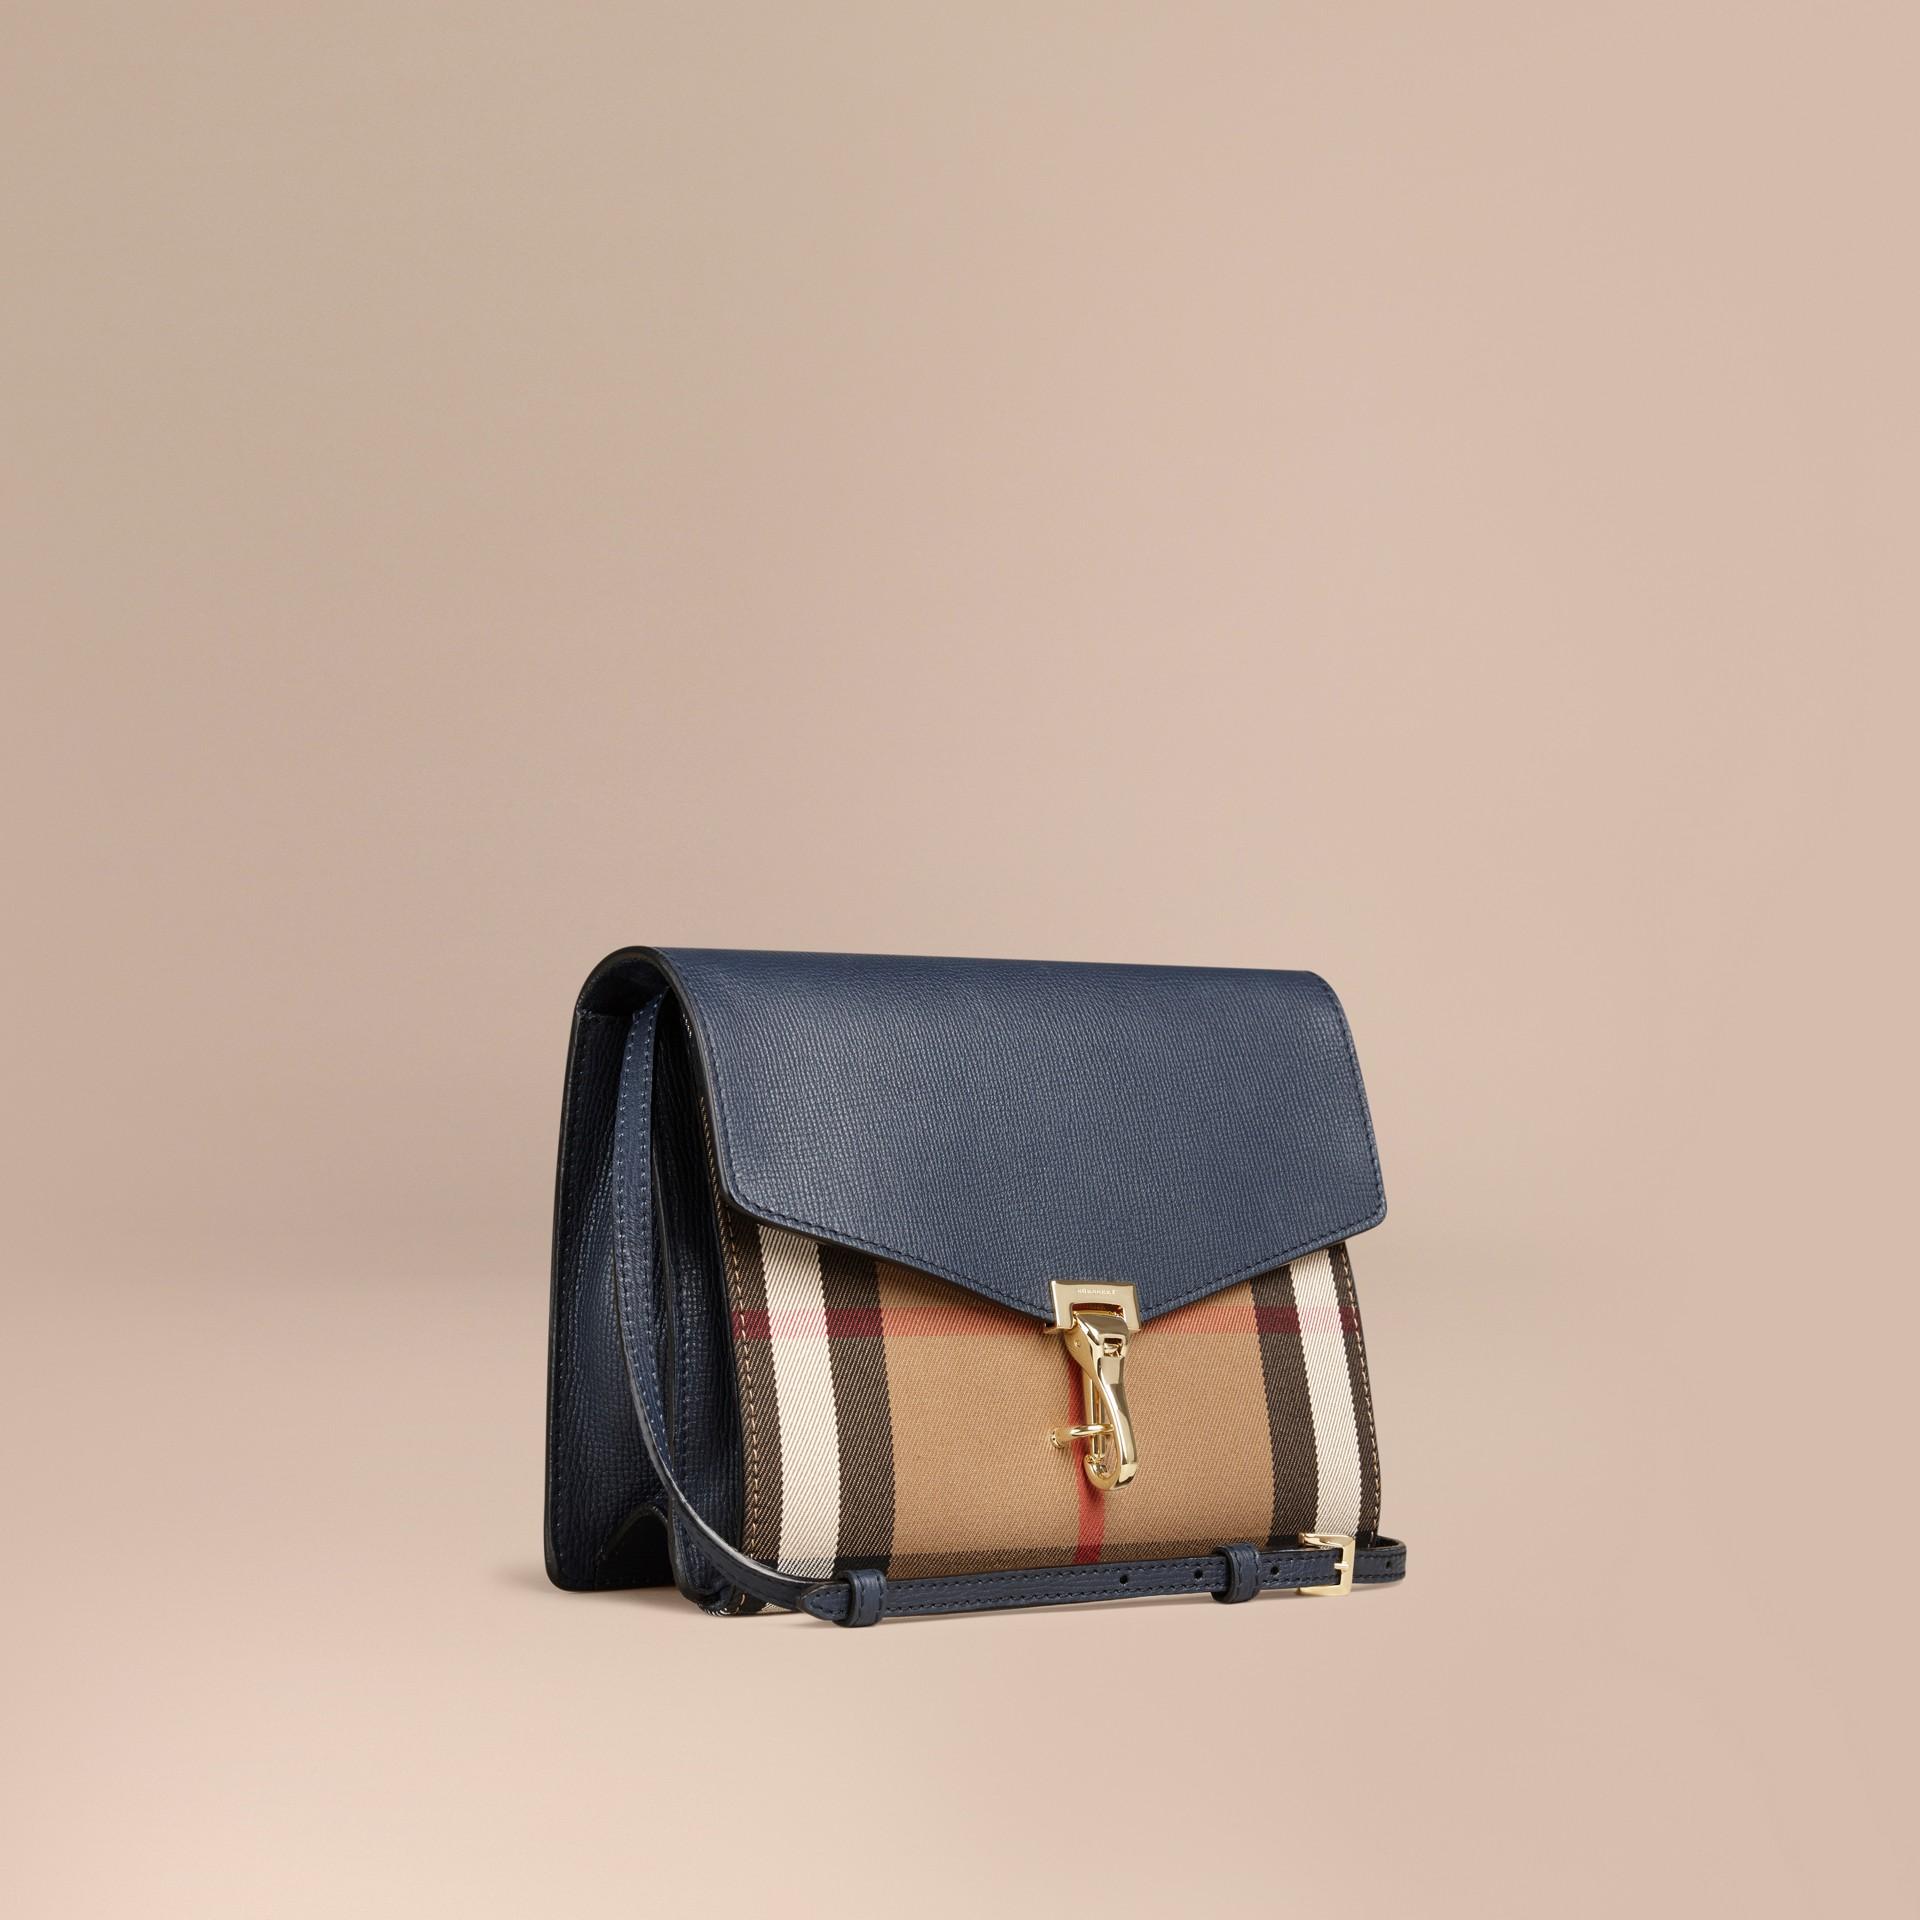 Tintenblau Kleine Crossbody-Tasche aus Leder und House Check-Gewebe Tintenblau - Galerie-Bild 1